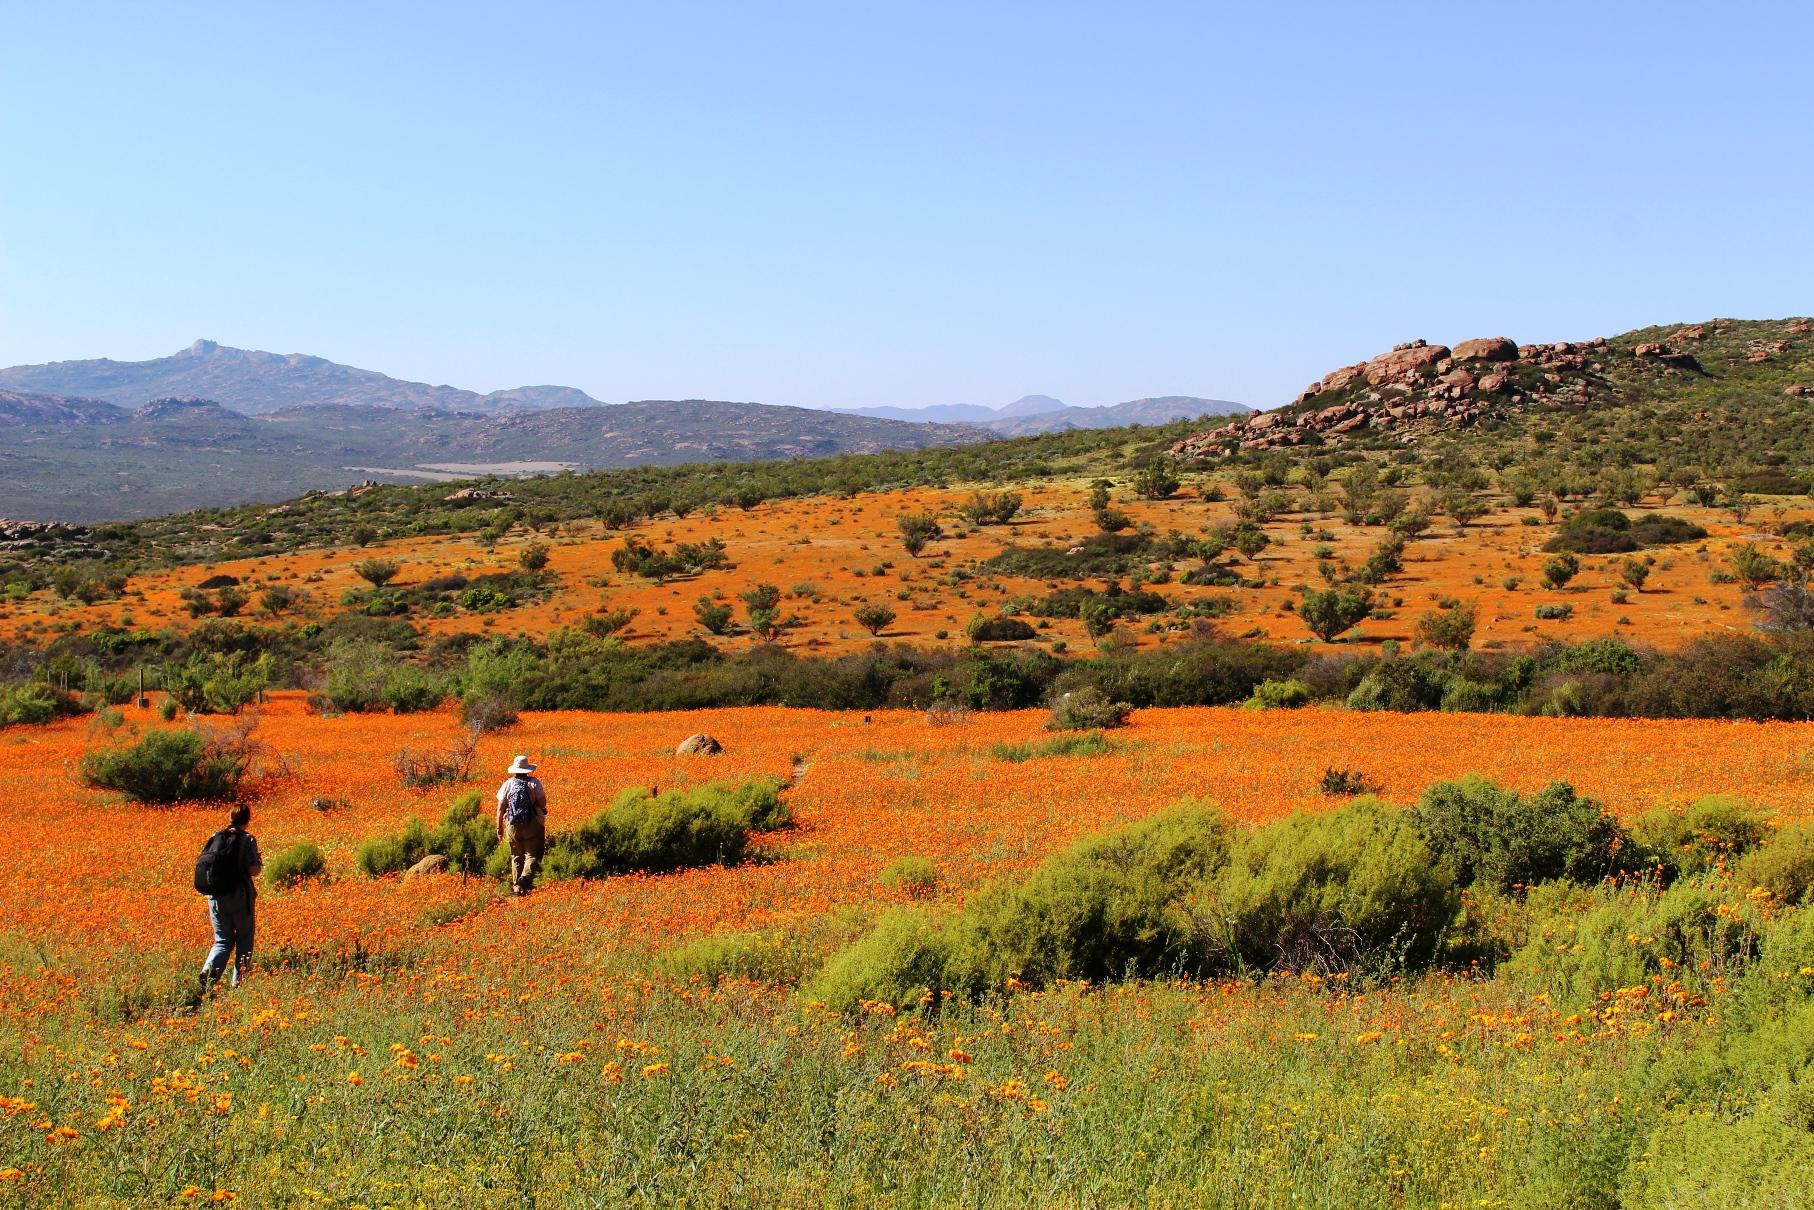 ナマクワ国立公園内のトレイルをハイキング、ナマクワデイジーのオレンジがまぶしい(7日目)